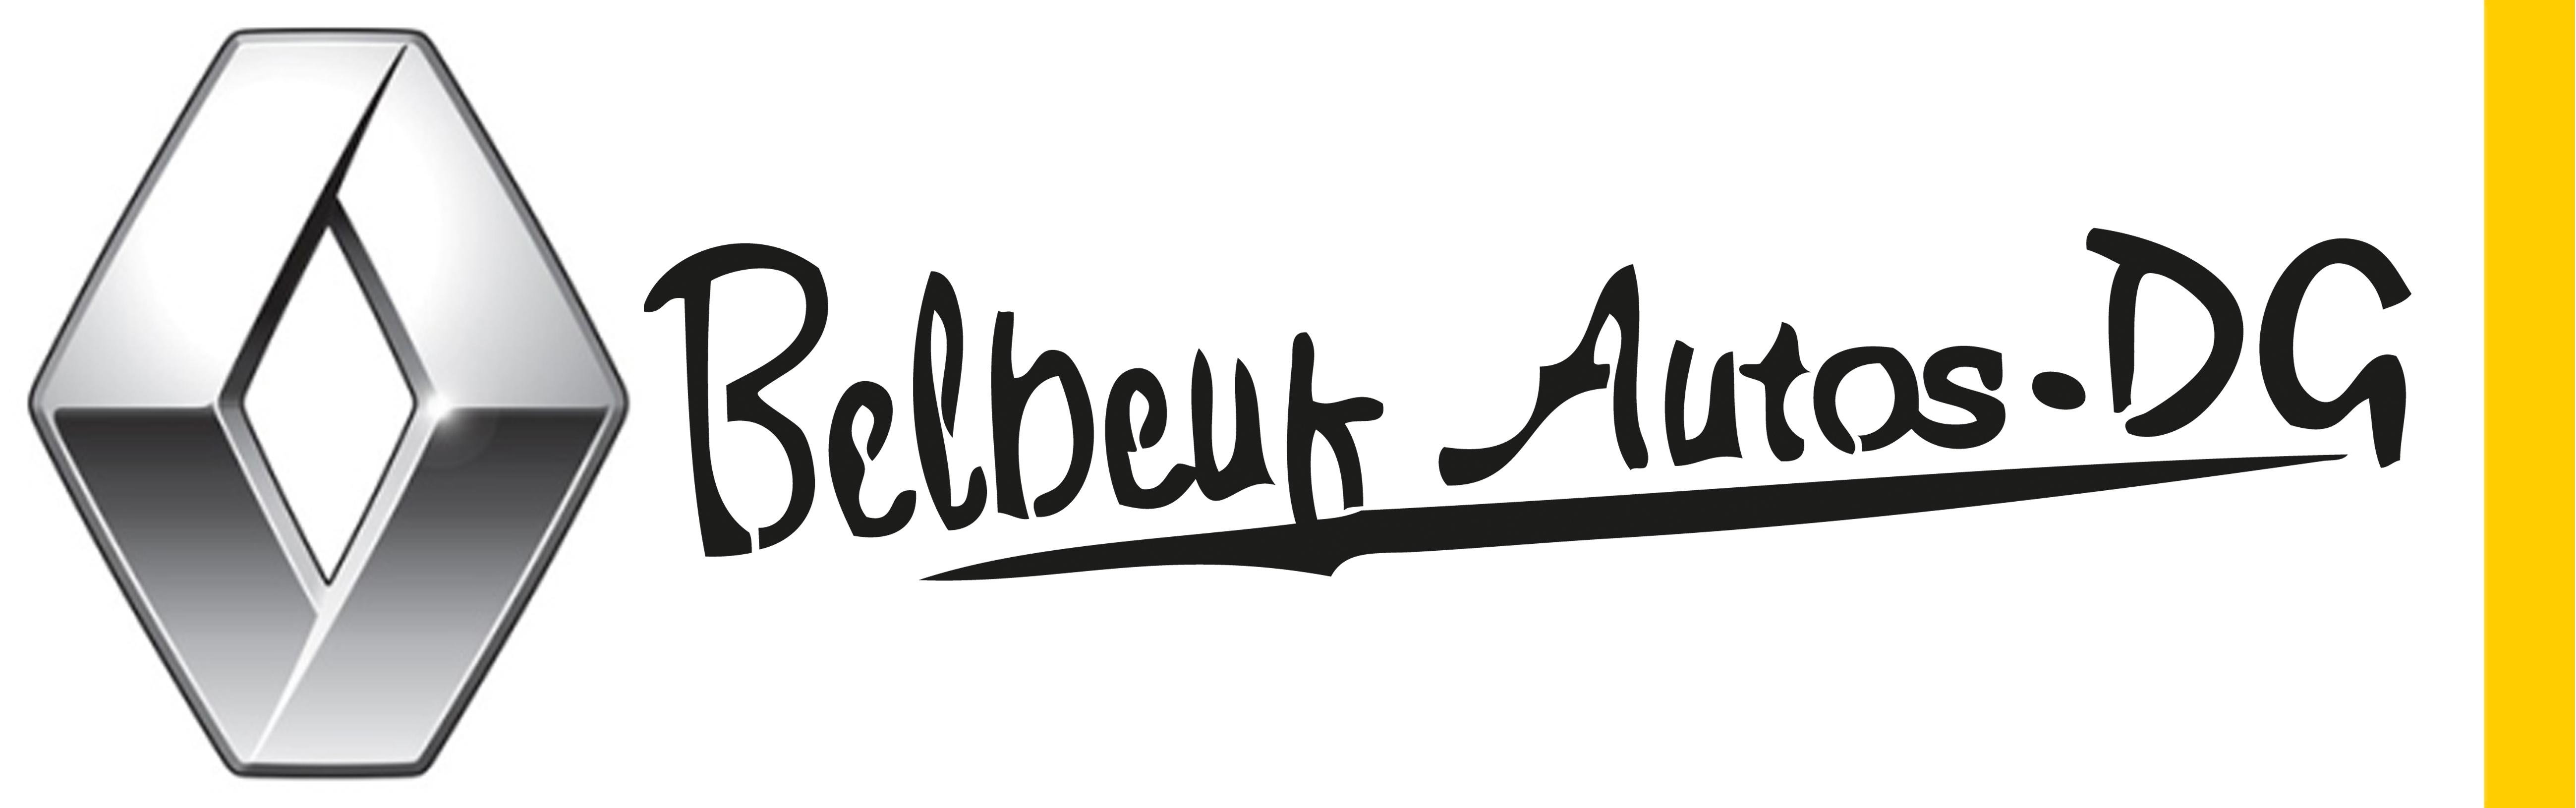 Renault-Belbeuf-2018